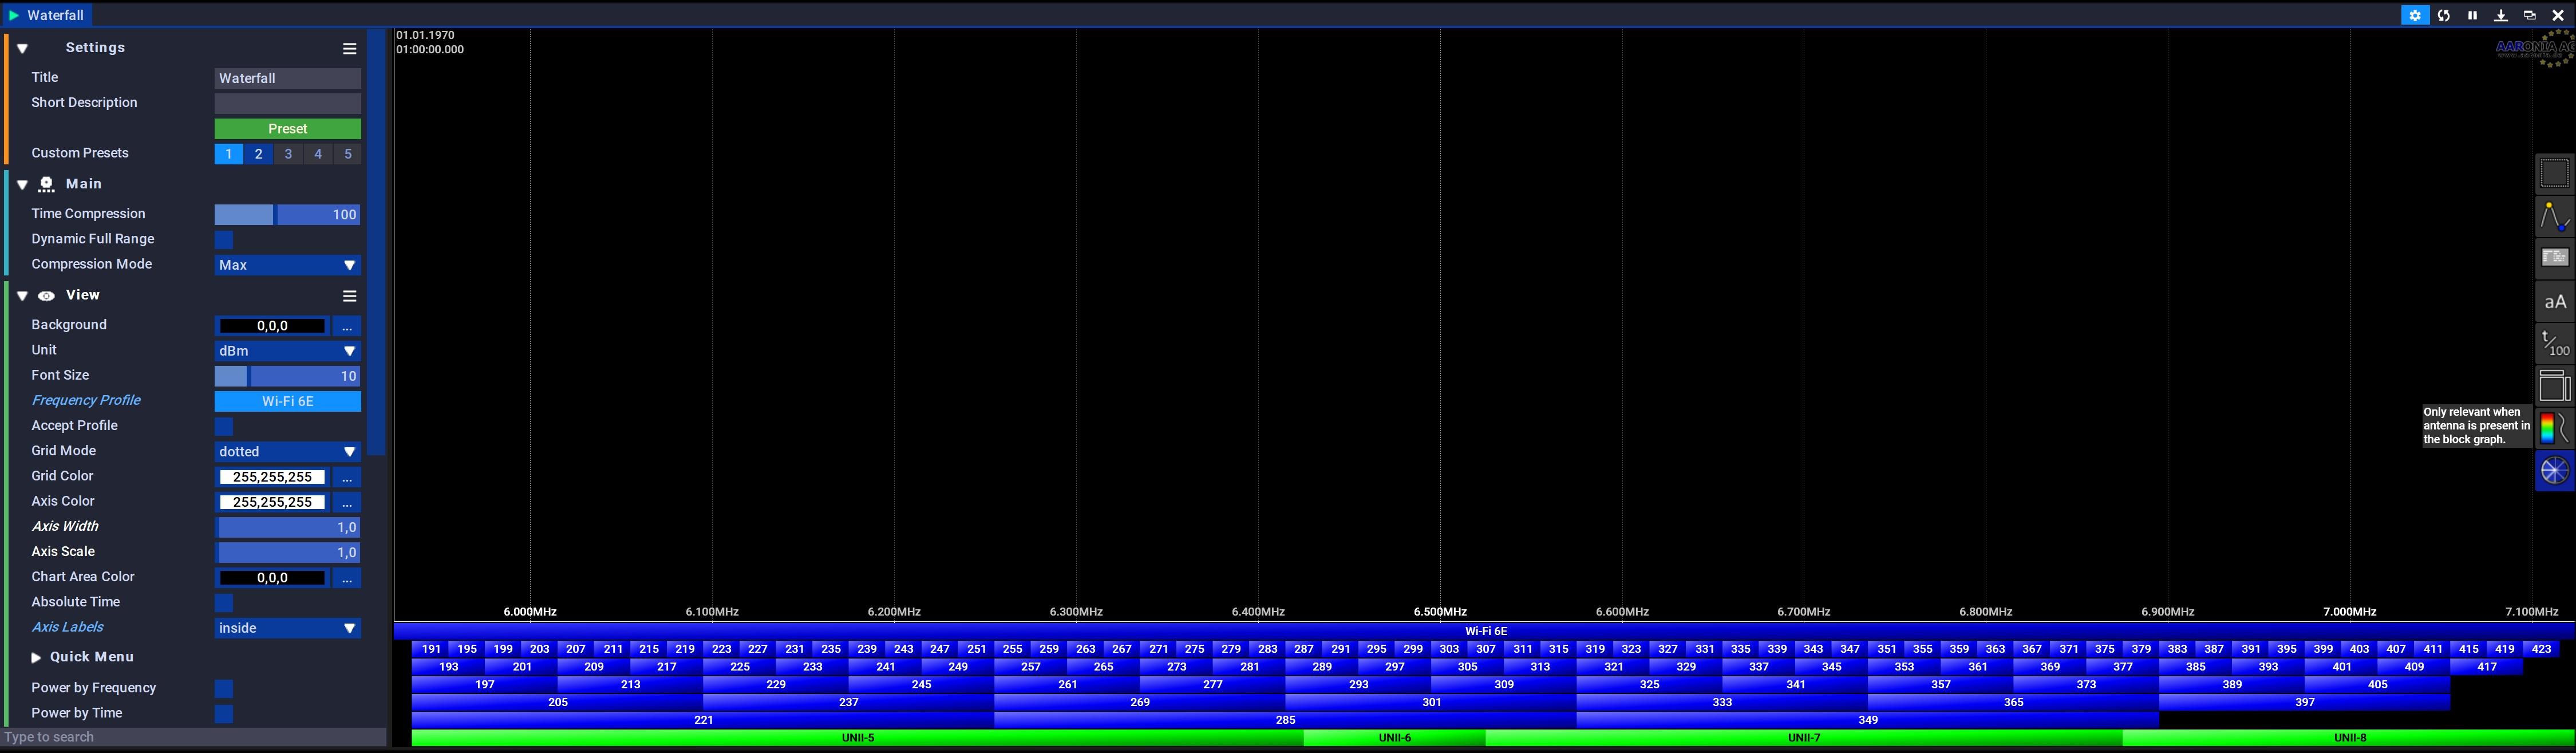 Wi-Fi-6-Channel-List.jpg